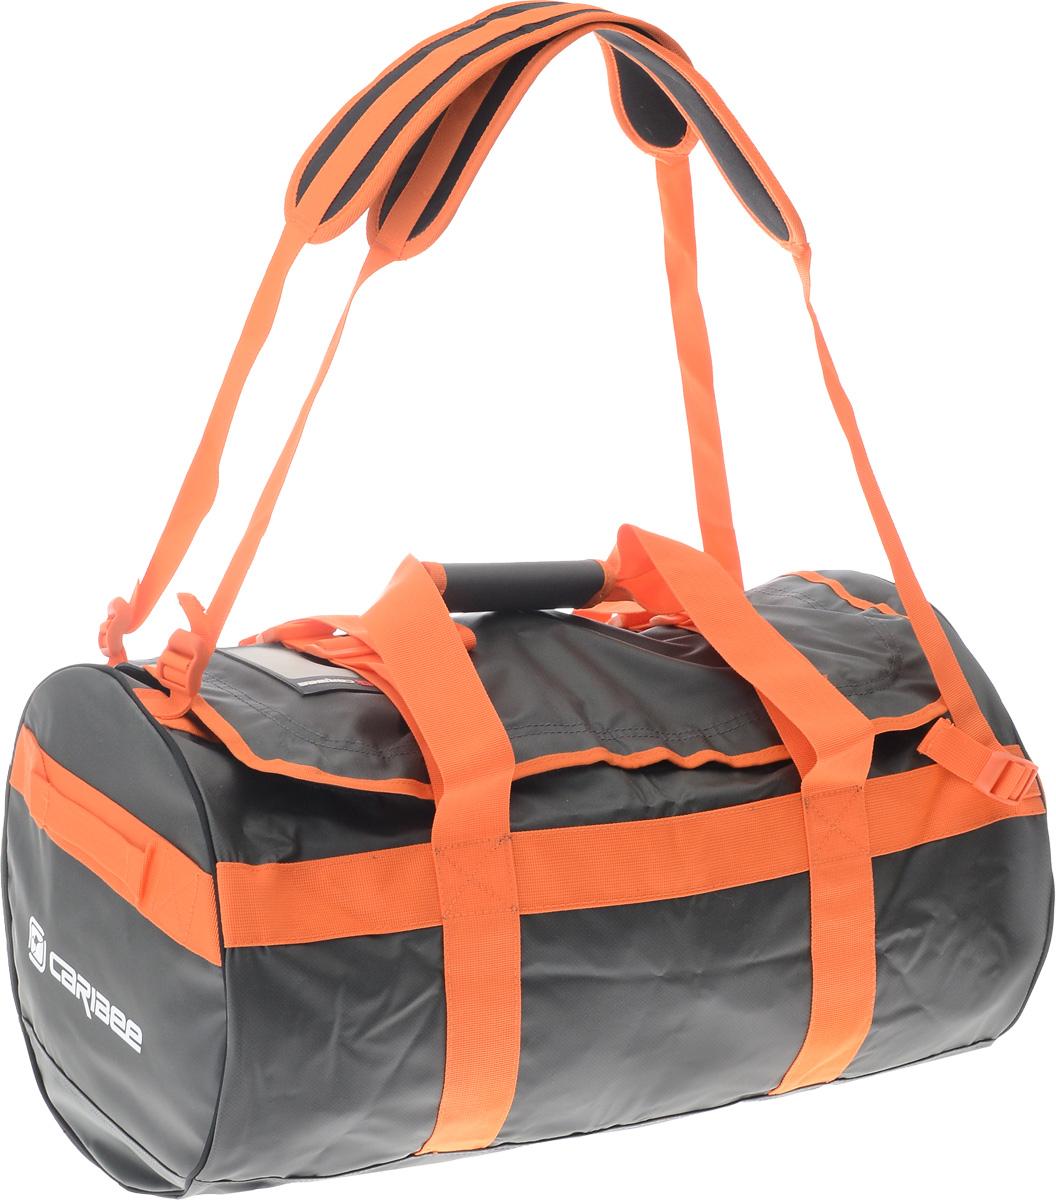 Сумка спортивная Caribee Kokoda, цвет: темно-серый, оранжевый, 65 л58062_темно-серый, оранжевыйСумка Caribee Kokoda имеет стильный дизайн, легкий вес и большую вместительность! Она выполнена из материала, устойчивого к промоканию даже в штормовую погоду. Стойкие к воде молнии. Изделие оснащено регулируемыми плечевыми ремнями, позволяющими превратить сумку в рюкзак. Вшитые по всей окружности стяжки служат для дополнительной прочности. Сумка была разработана с учетом привлекательного вида, практичной функциональности и прочной конструкции. Будьте уверены, что вы доберетесь до места назначения и ваш багаж будет в полной сохранности!Собираясь в поход с такой сумкой, вы можете позволить себе взять все необходимые вещи. Объем: 65 л.